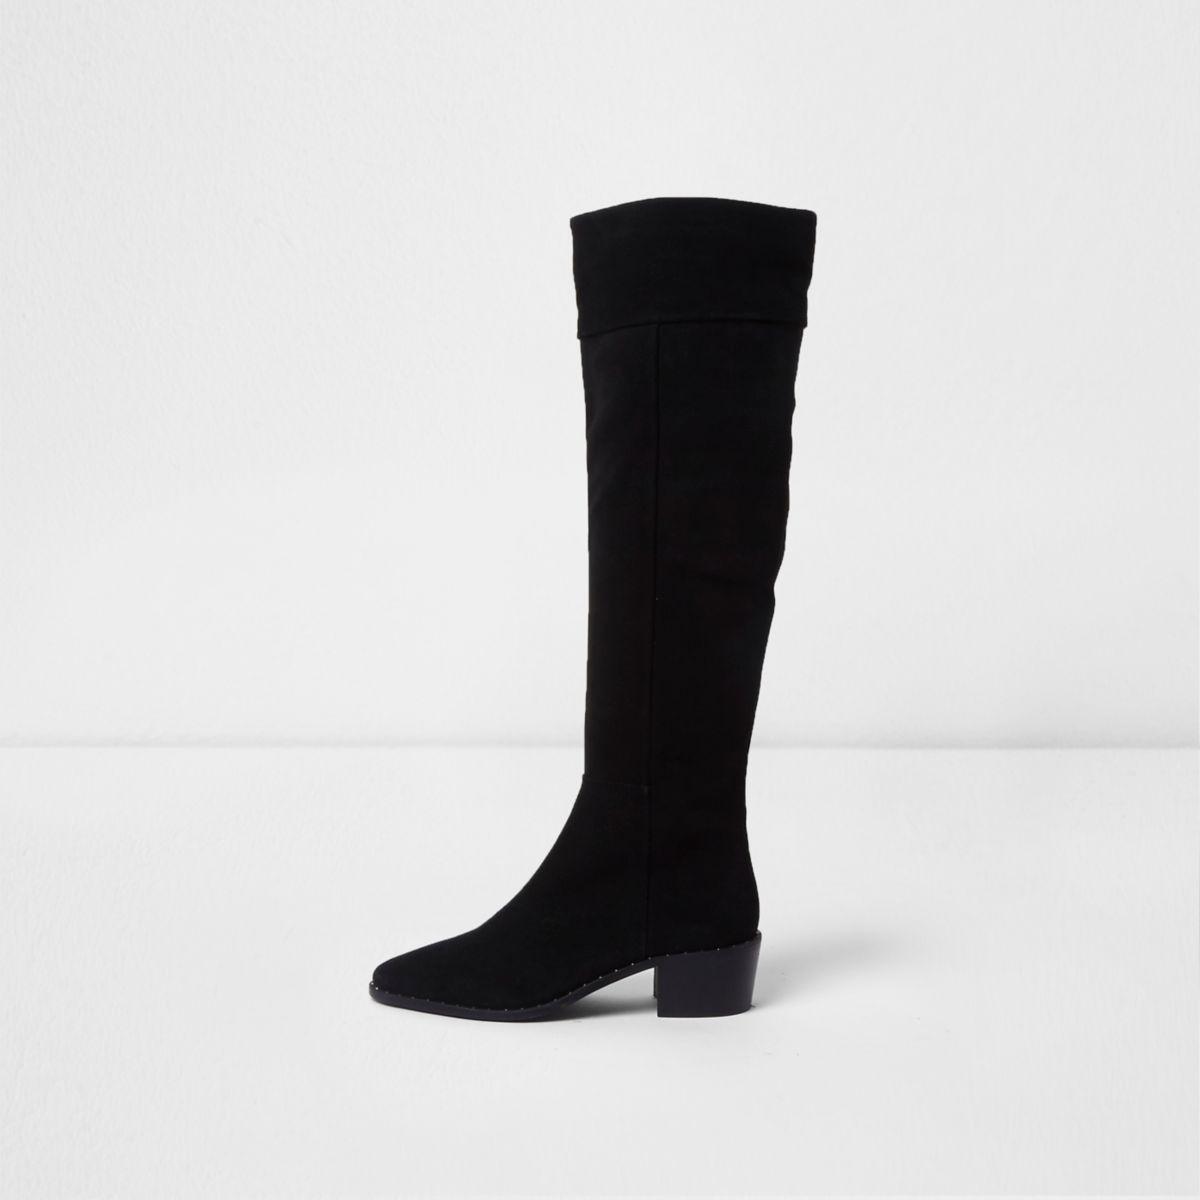 Zwarte suède kniehoge laarzen met blokhak